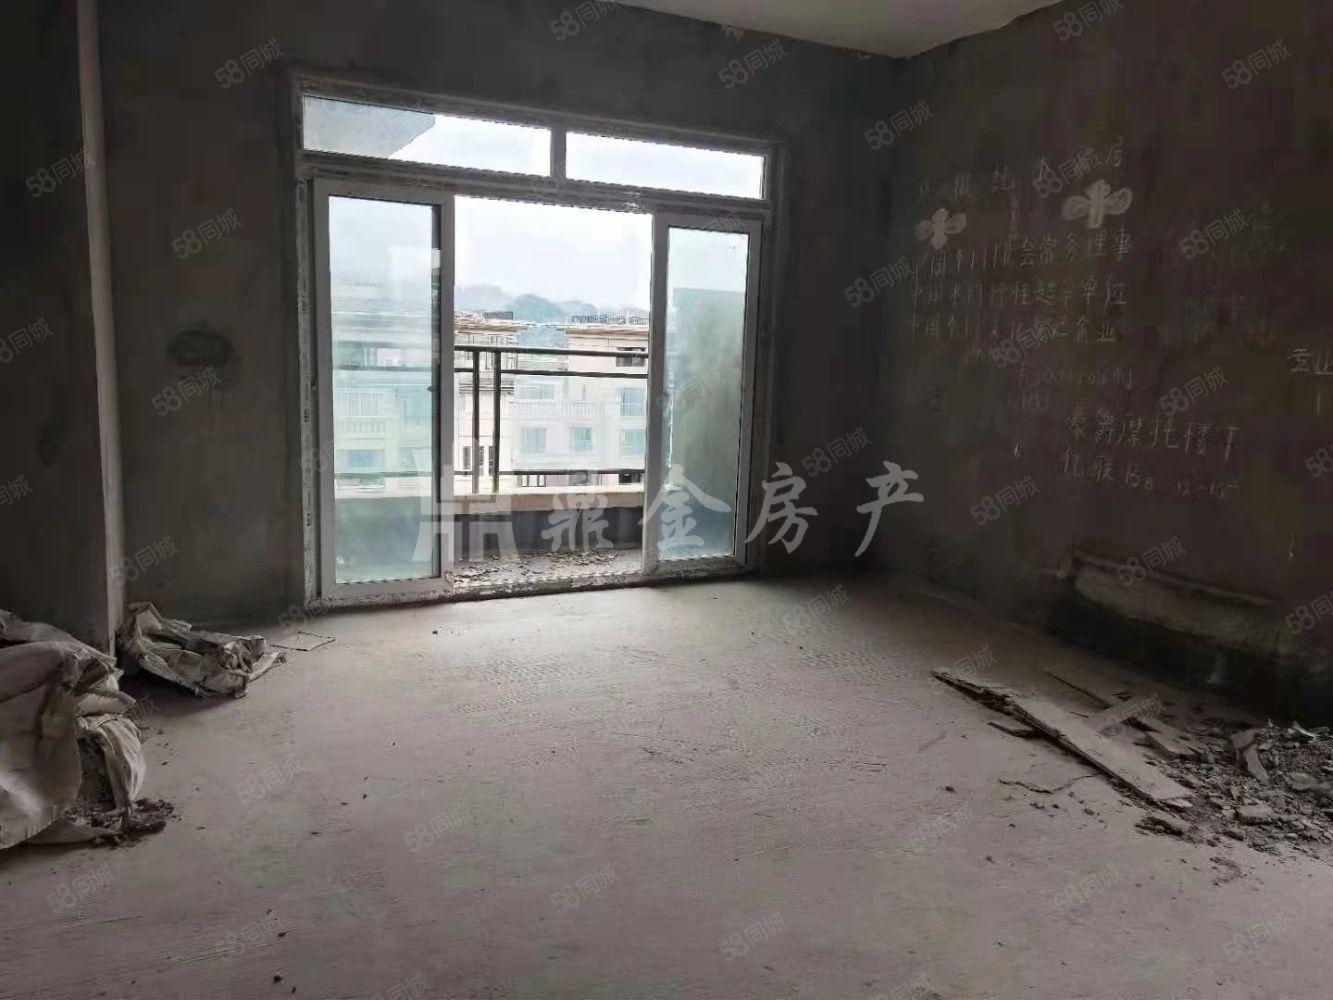 臨體育館隆鑫花漾城躍層三房三衛業主誠心賣端頭戶型采光充足